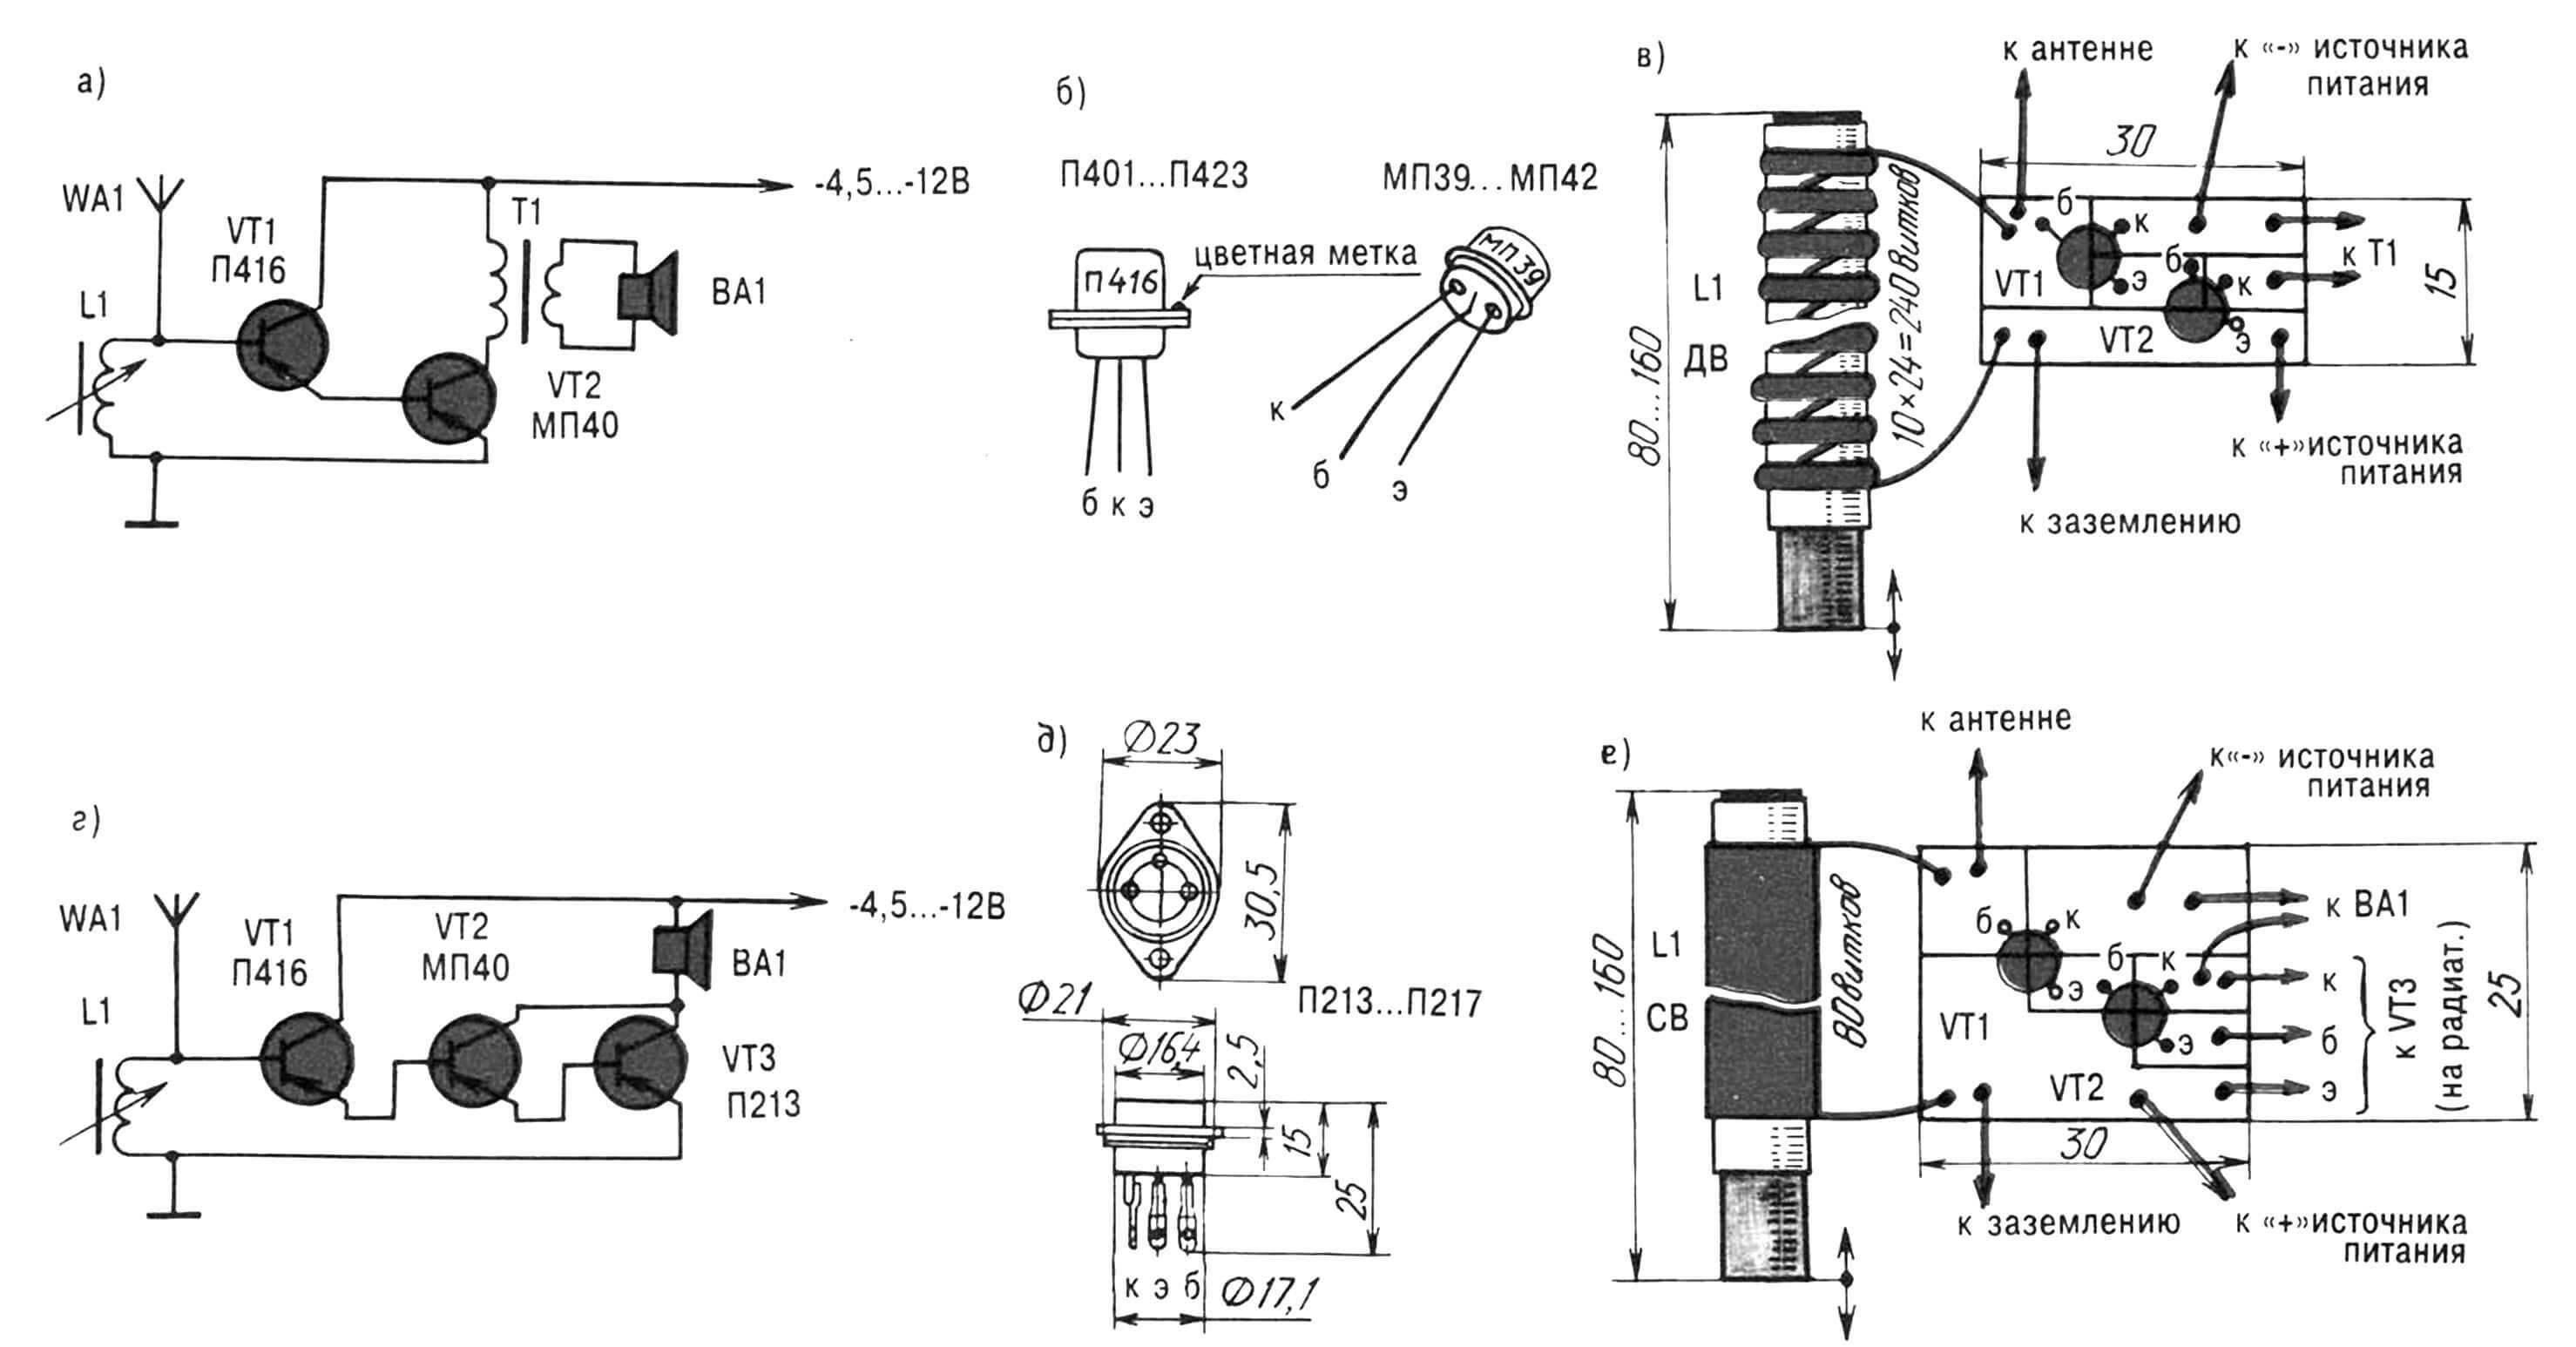 «Громкоговорящие» устройства для приема местных радиостанций, собранные на двух и трех транзисторах: а,г — схемы принципиальные, электрические; б,д—маркировки используемых полупроводниковых триодов; в,е — топология монтажных плат и внешний вид катушек колебательного контура.